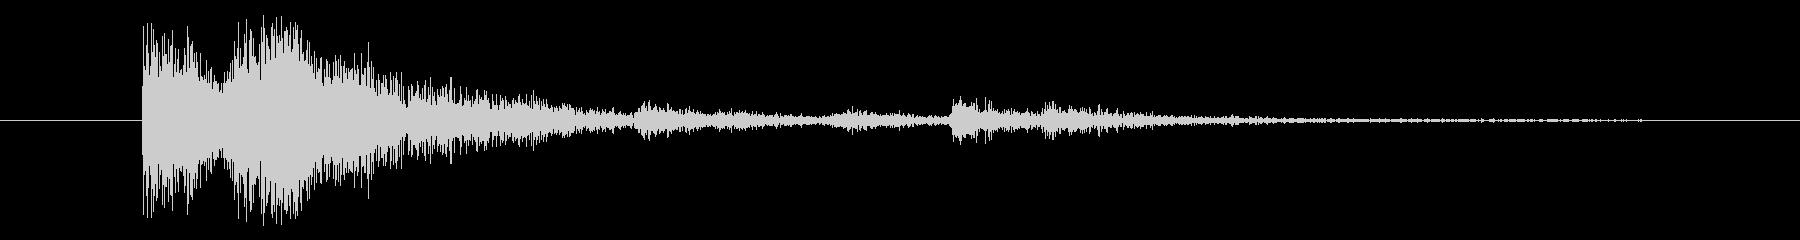 擬音 インパクトシートメタルブライト02の未再生の波形